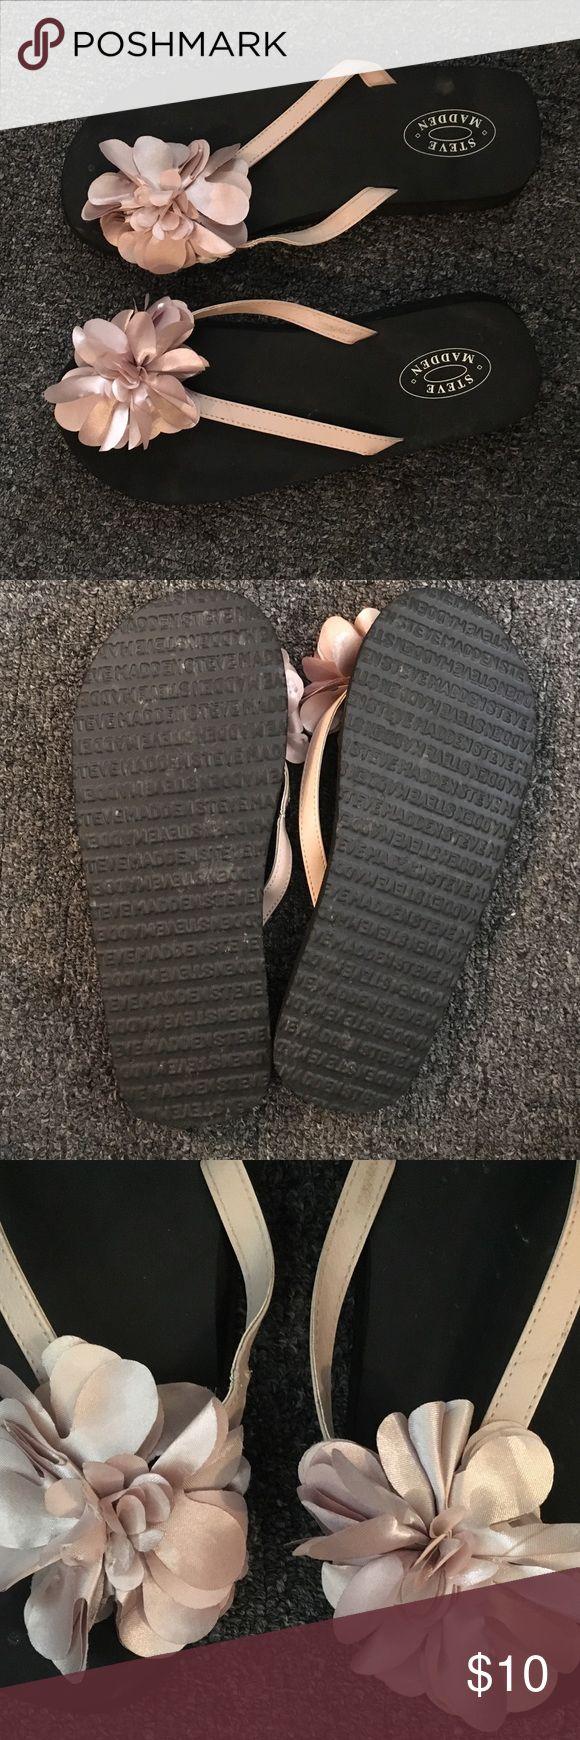 Steve Madden flip flops Black foam Steve maddens flip flops, cream flowers. Like new, wore once Steve Madden Shoes Sandals